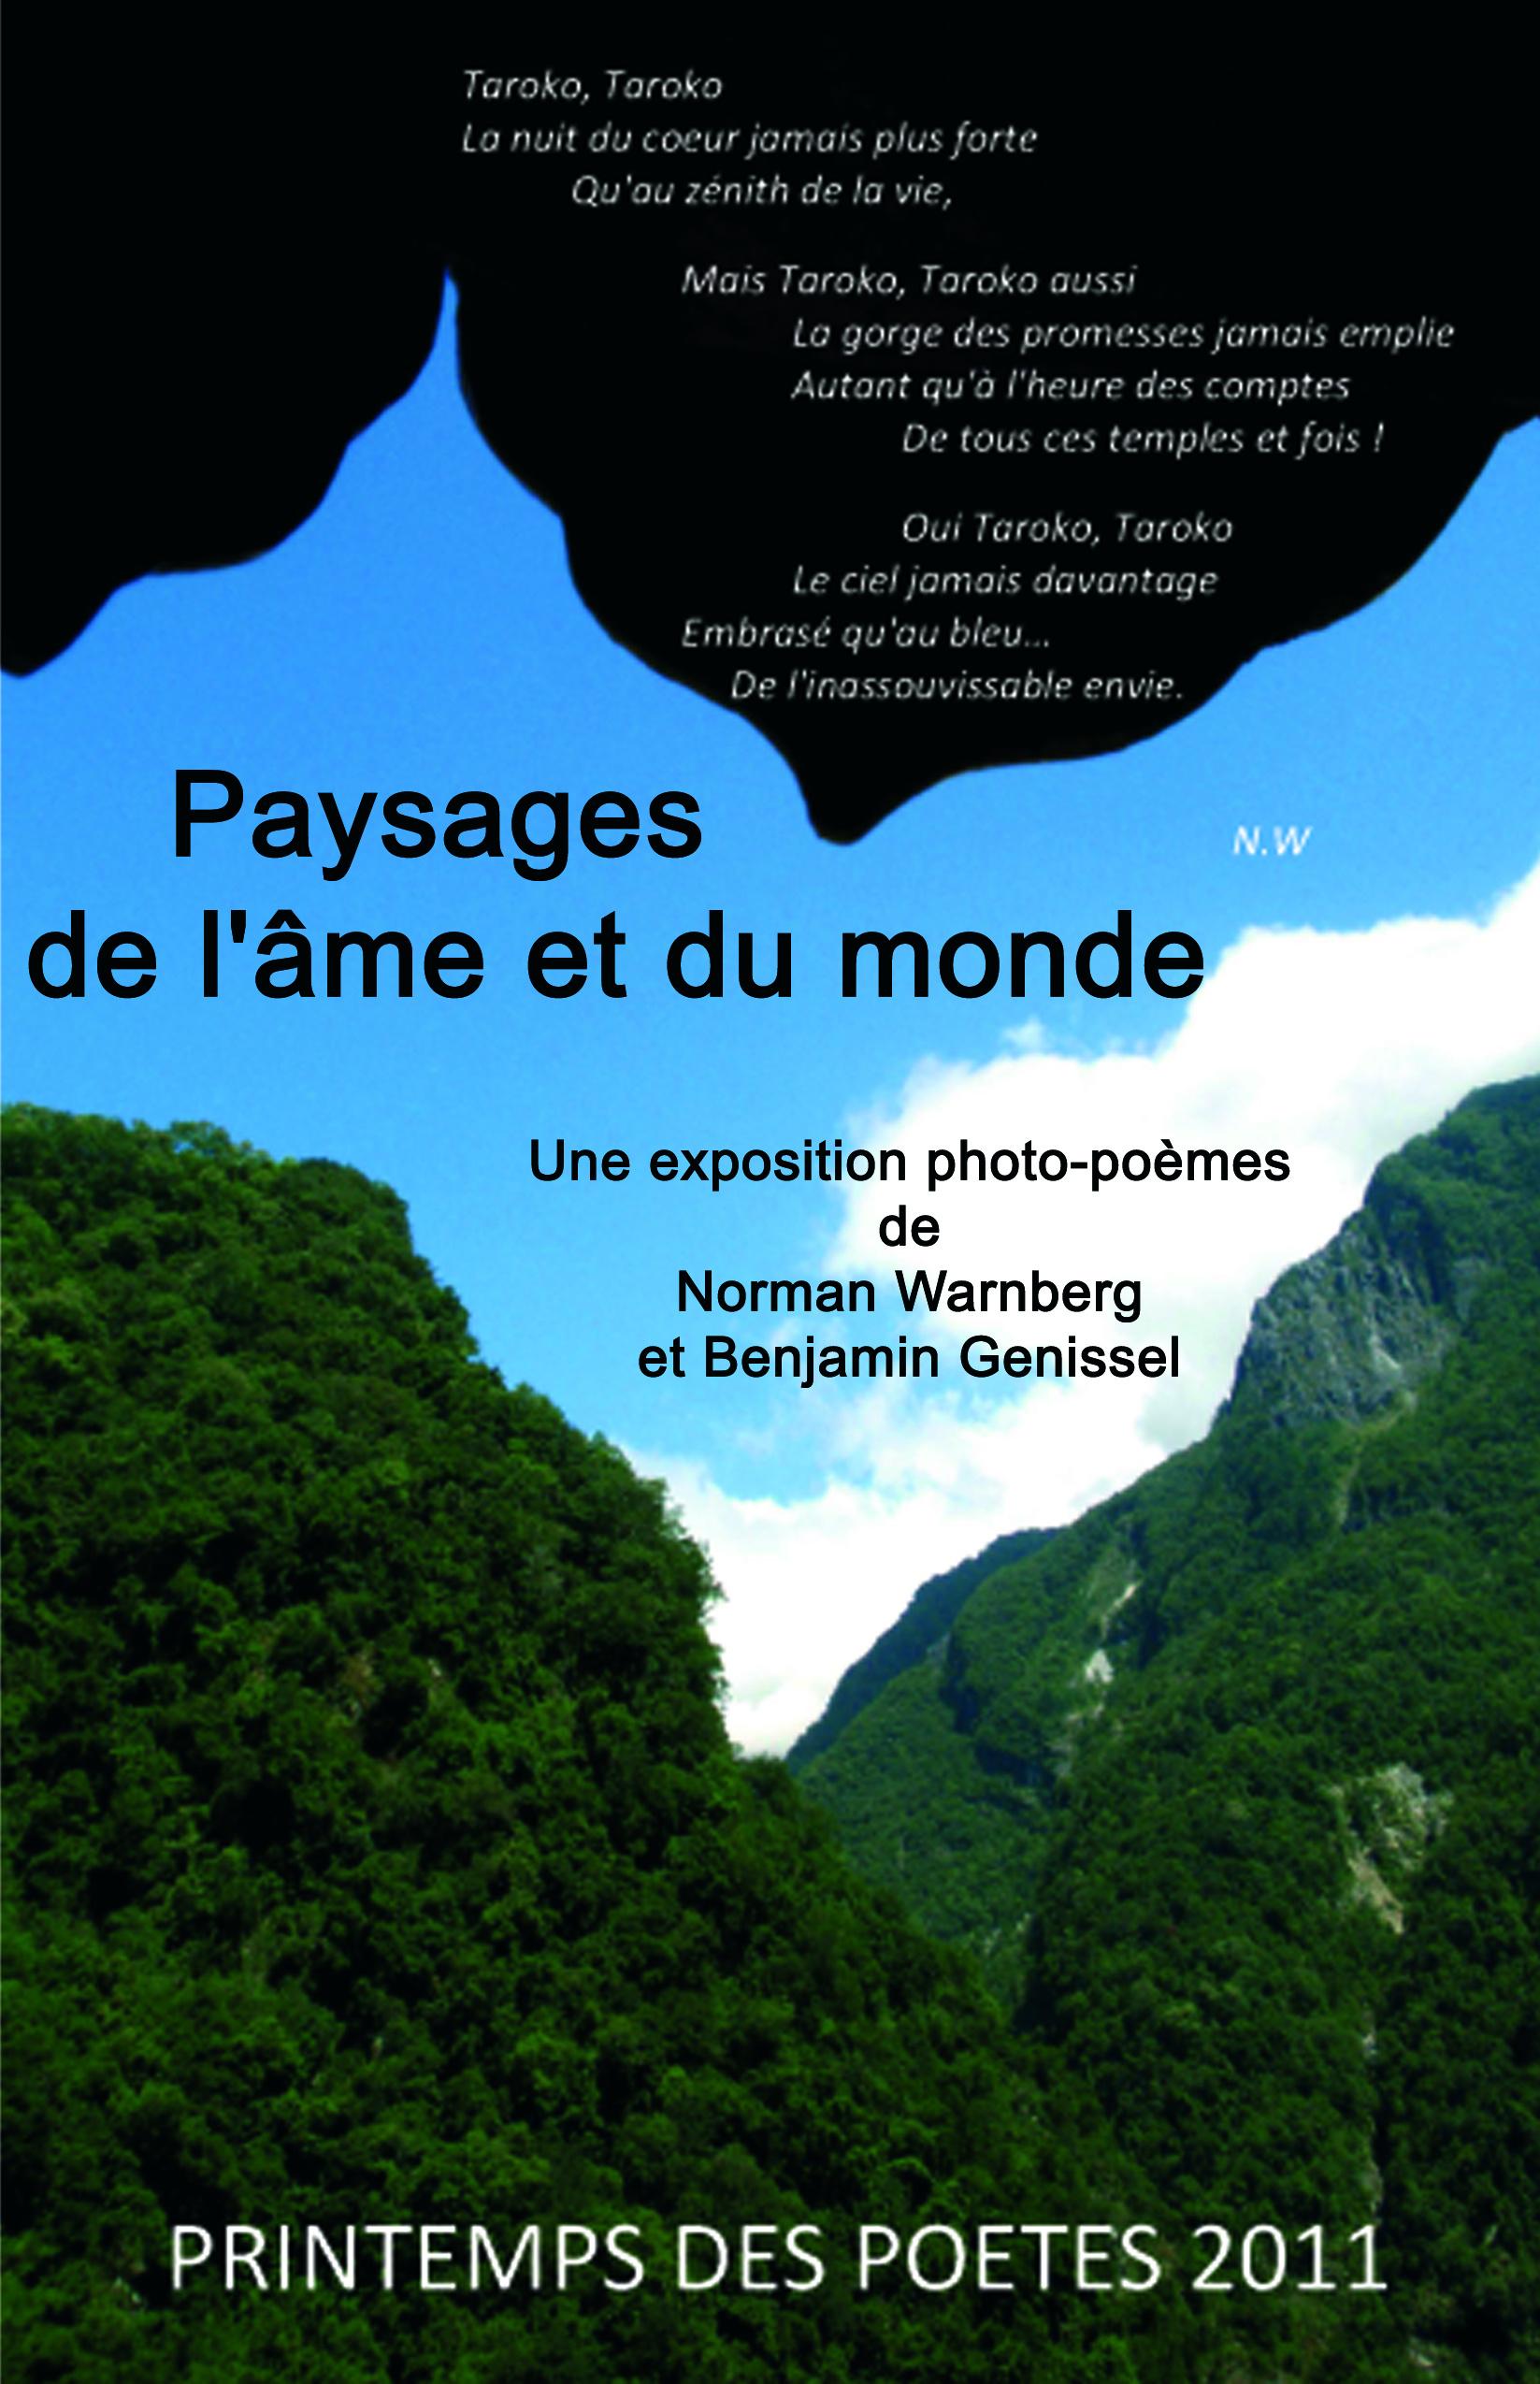 Paysages de l'âme et du monde 2011